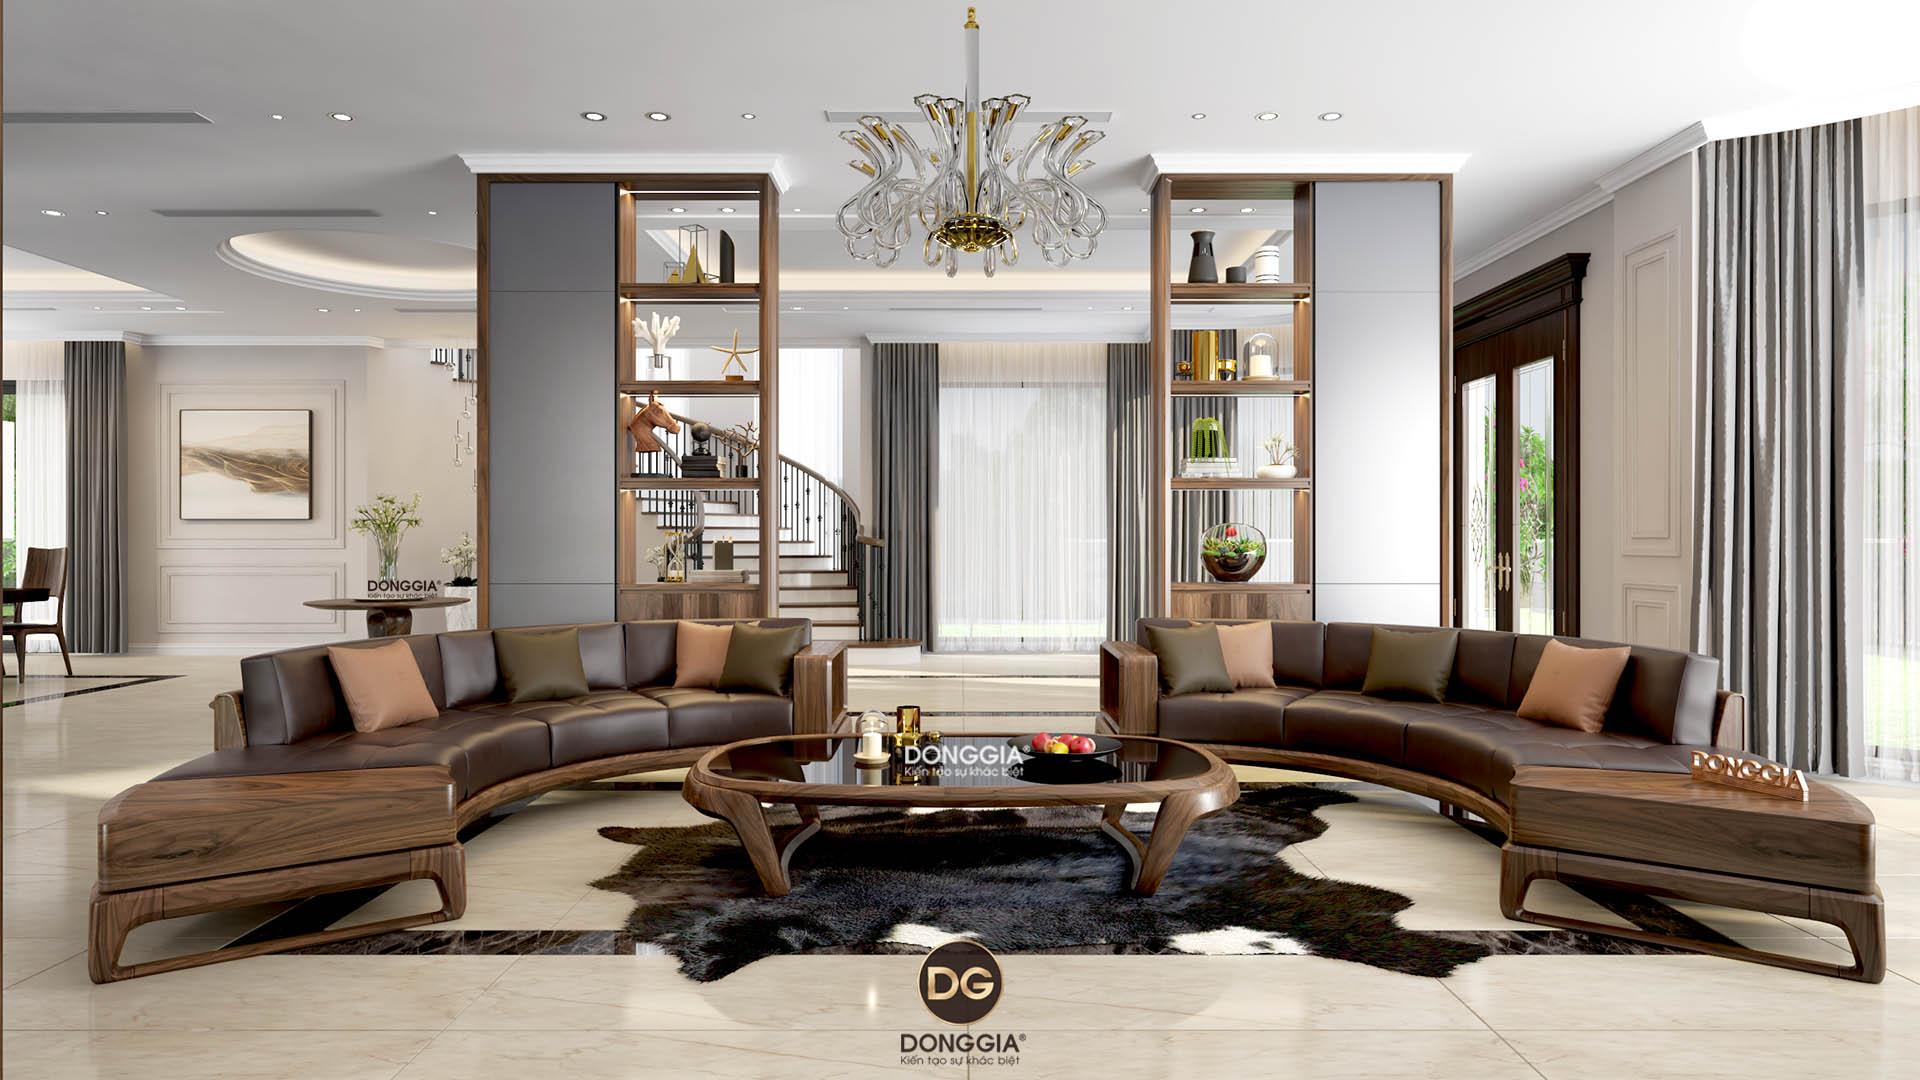 sofa-go-oc-cho-dong-gia-dep-2020 (1)